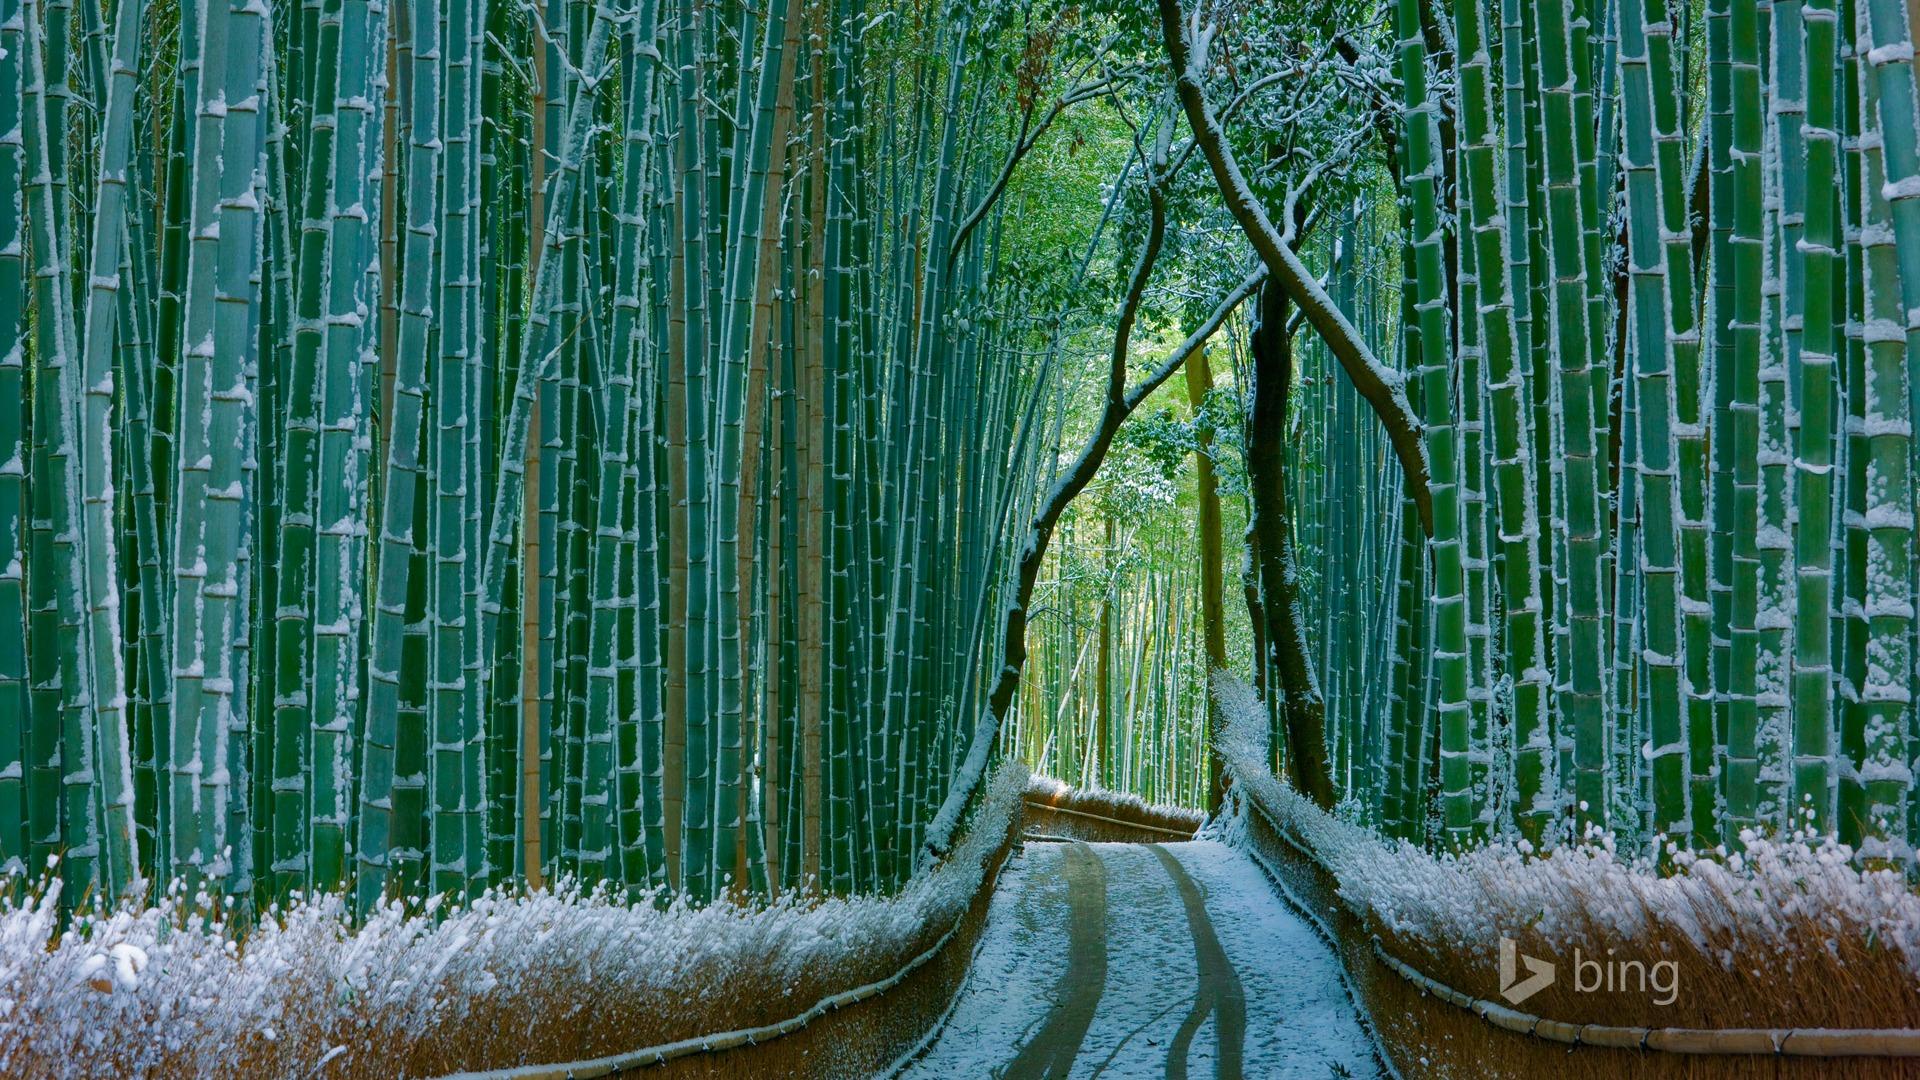 ... Bing Desktop Wallpaper - 1920x1080 wallpaper download -10wallpaper.com: 10wallpaper.com/down/Japan_Bamboo_Forest_Arashiyama-2016_Bing...